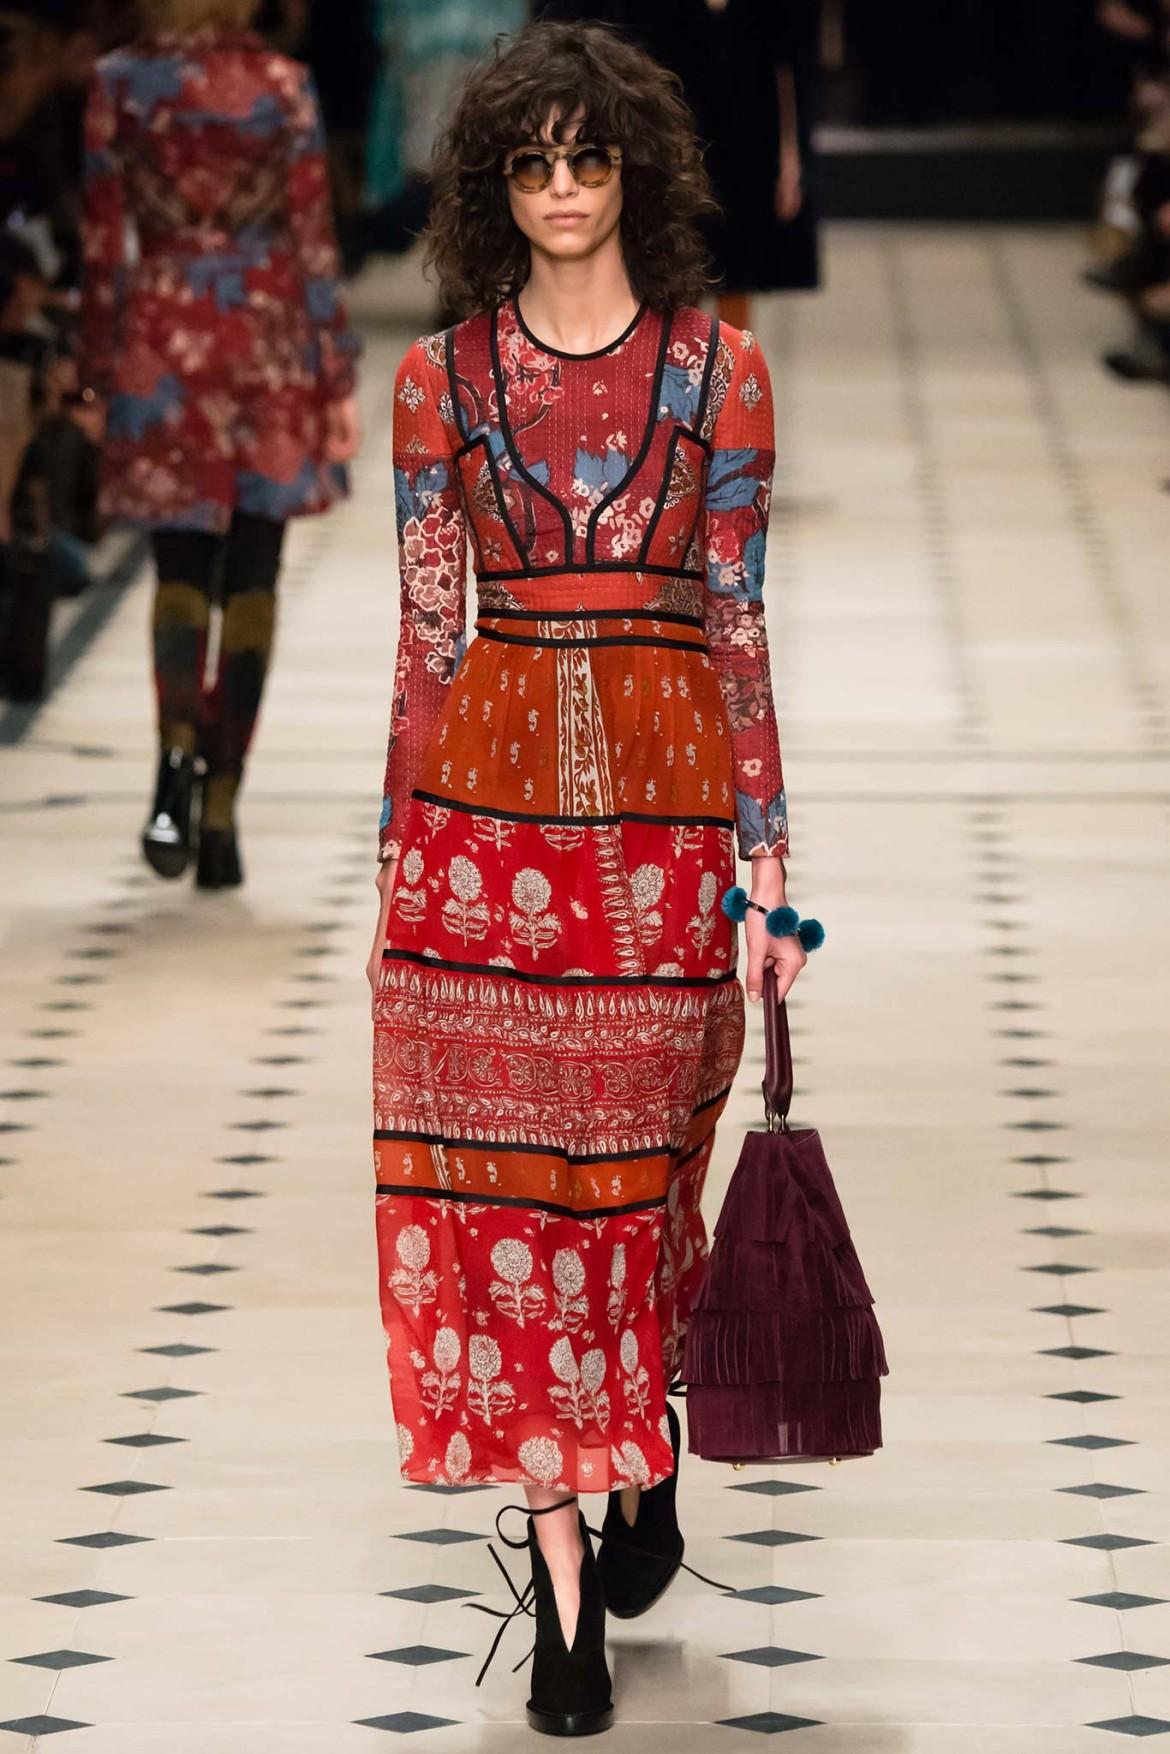 Платье в стиле бохо в коллекции Burberyy Prorsum